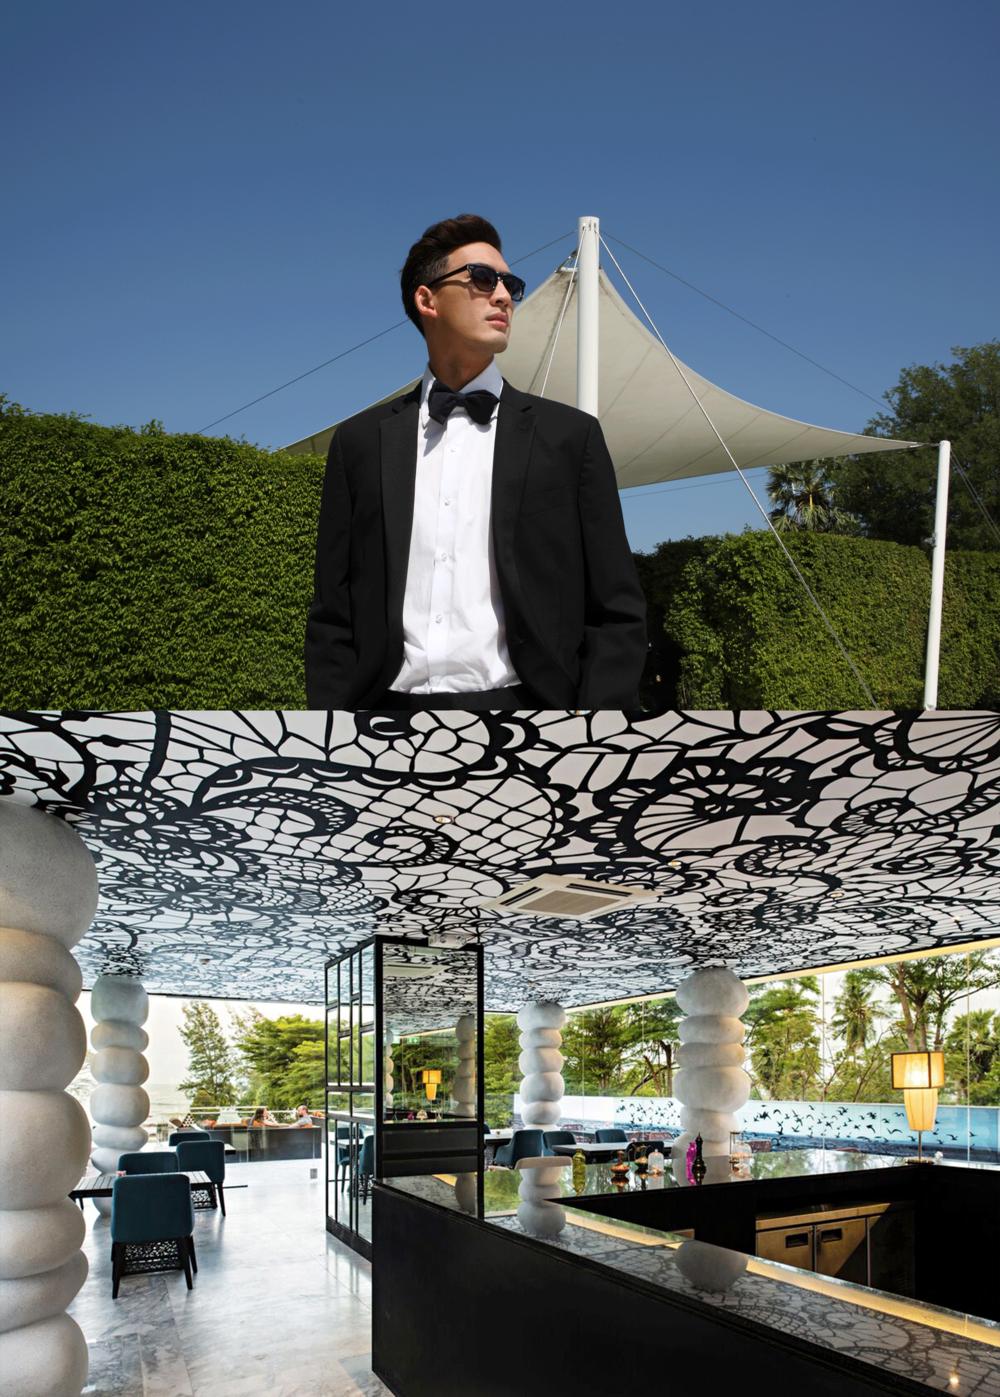 Bom : shirt : P.MITH / bow-tie : Seth neckwear / Tuxedo Suit : Brooks Brothers  sunglasses : Blake Kuwahara